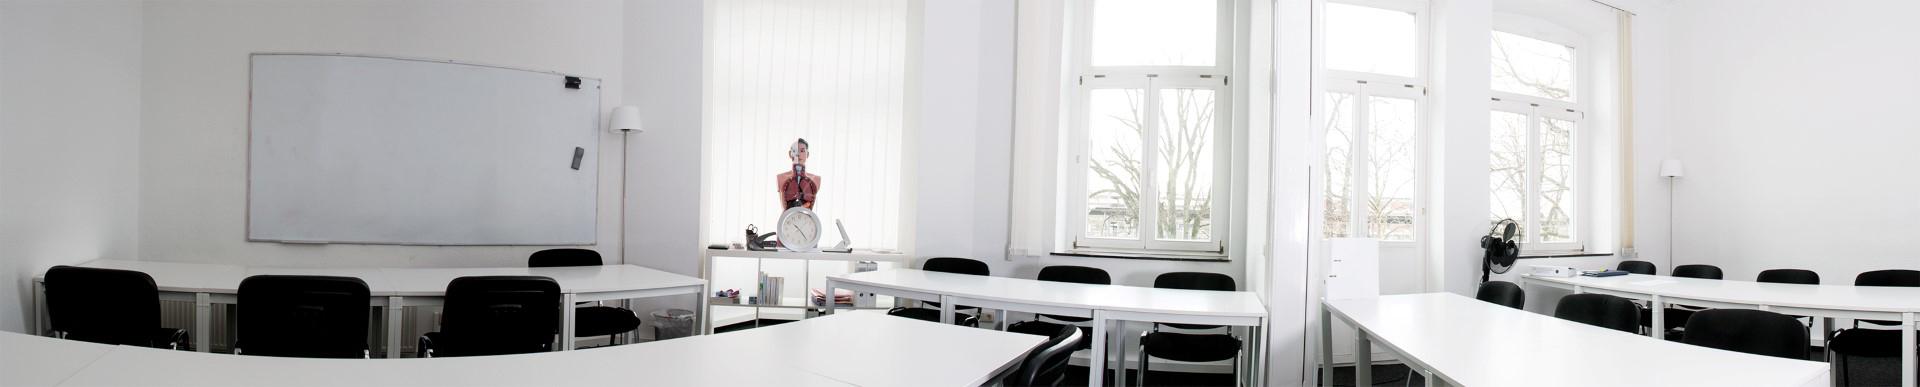 Das Bild zeigt die Räumlichkeiten der AGS - Arbeitgeberservice Rhein Sieg UG